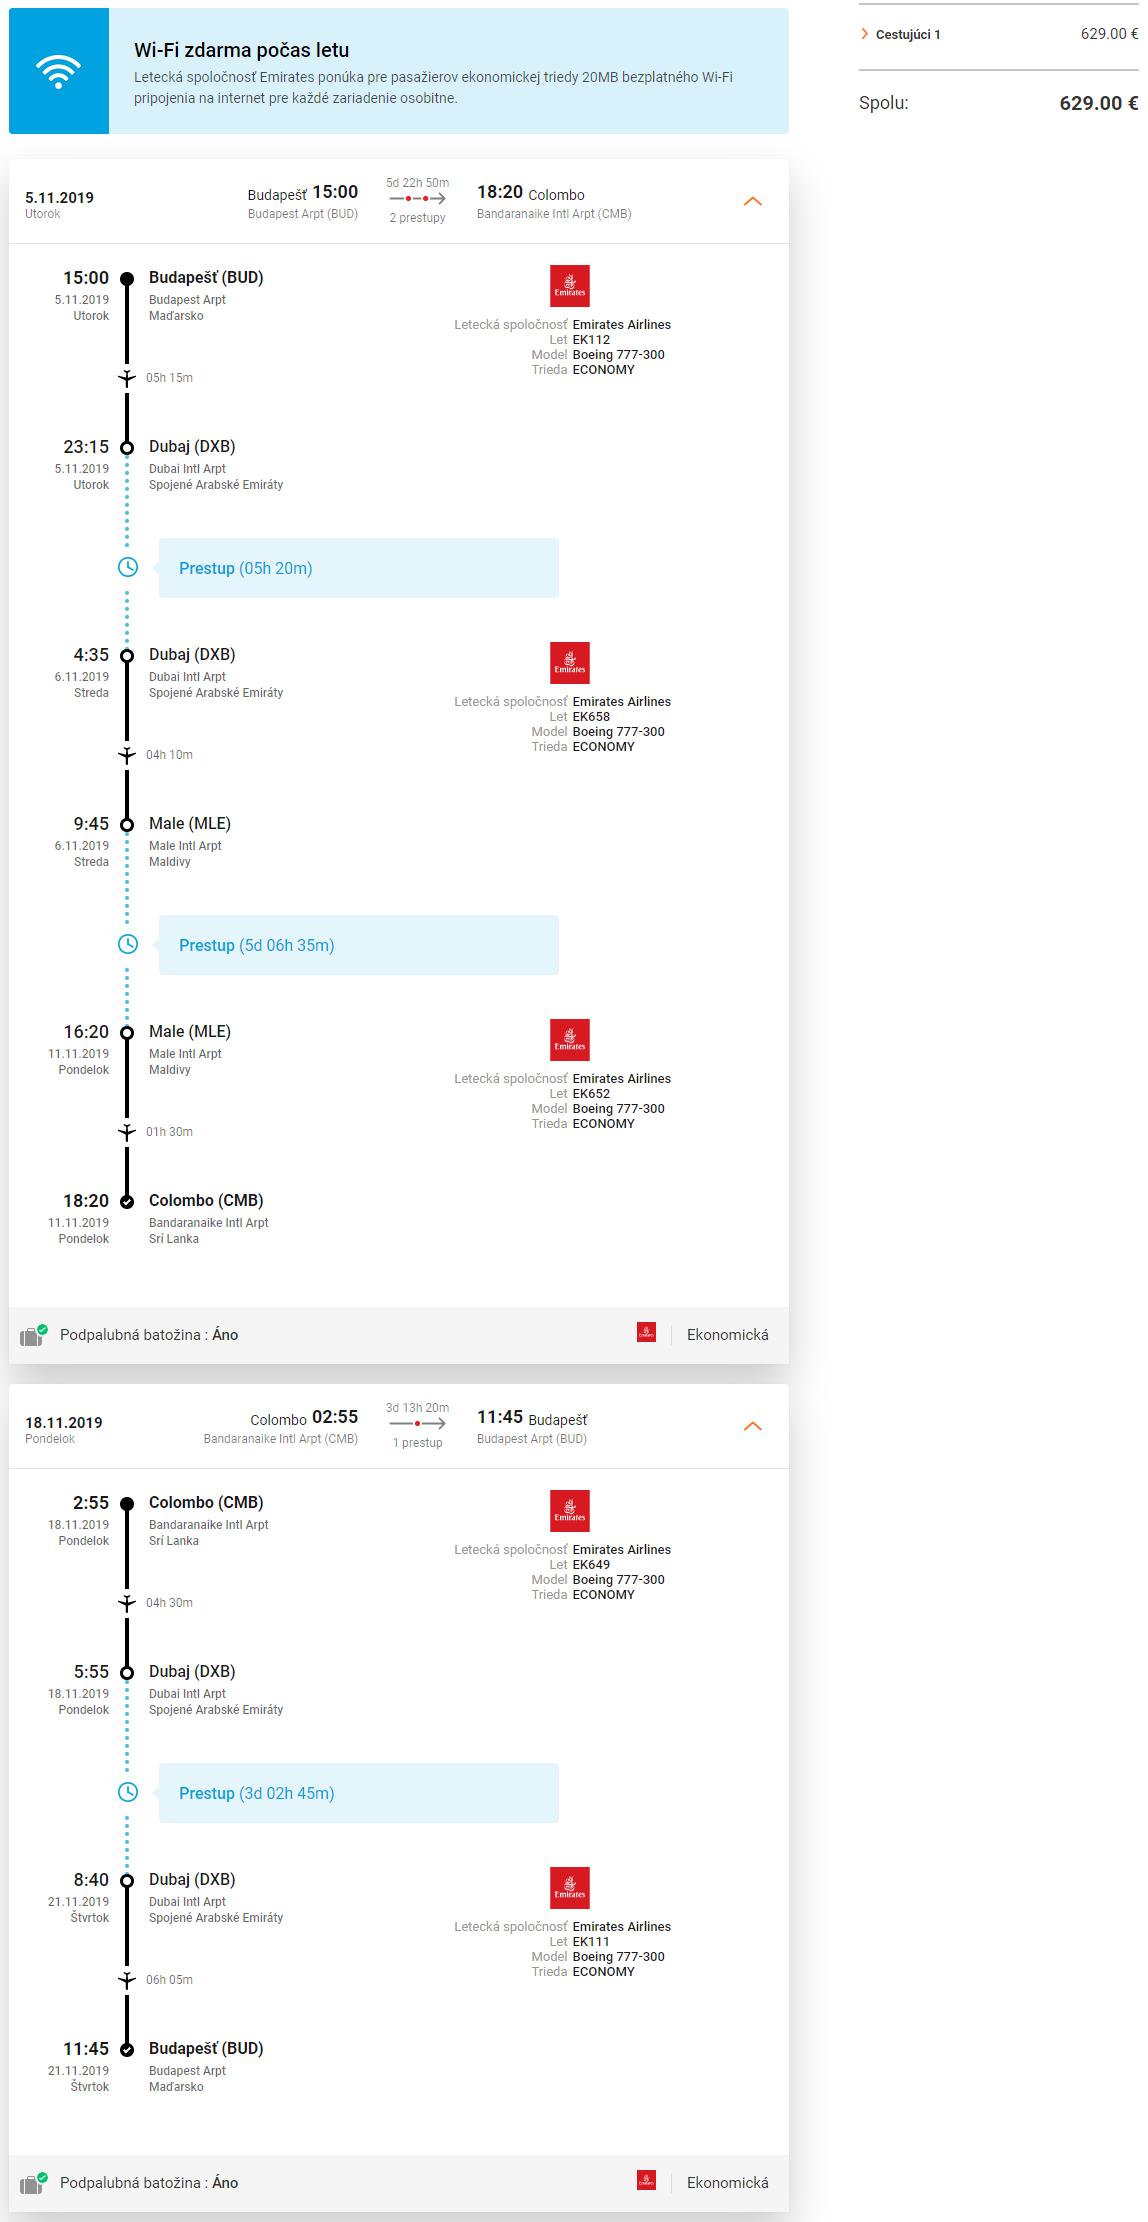 Maldivy a Srí Lanka + 3 dni v Dubaji v rámci jednej cesty s letenkami od 629 eur